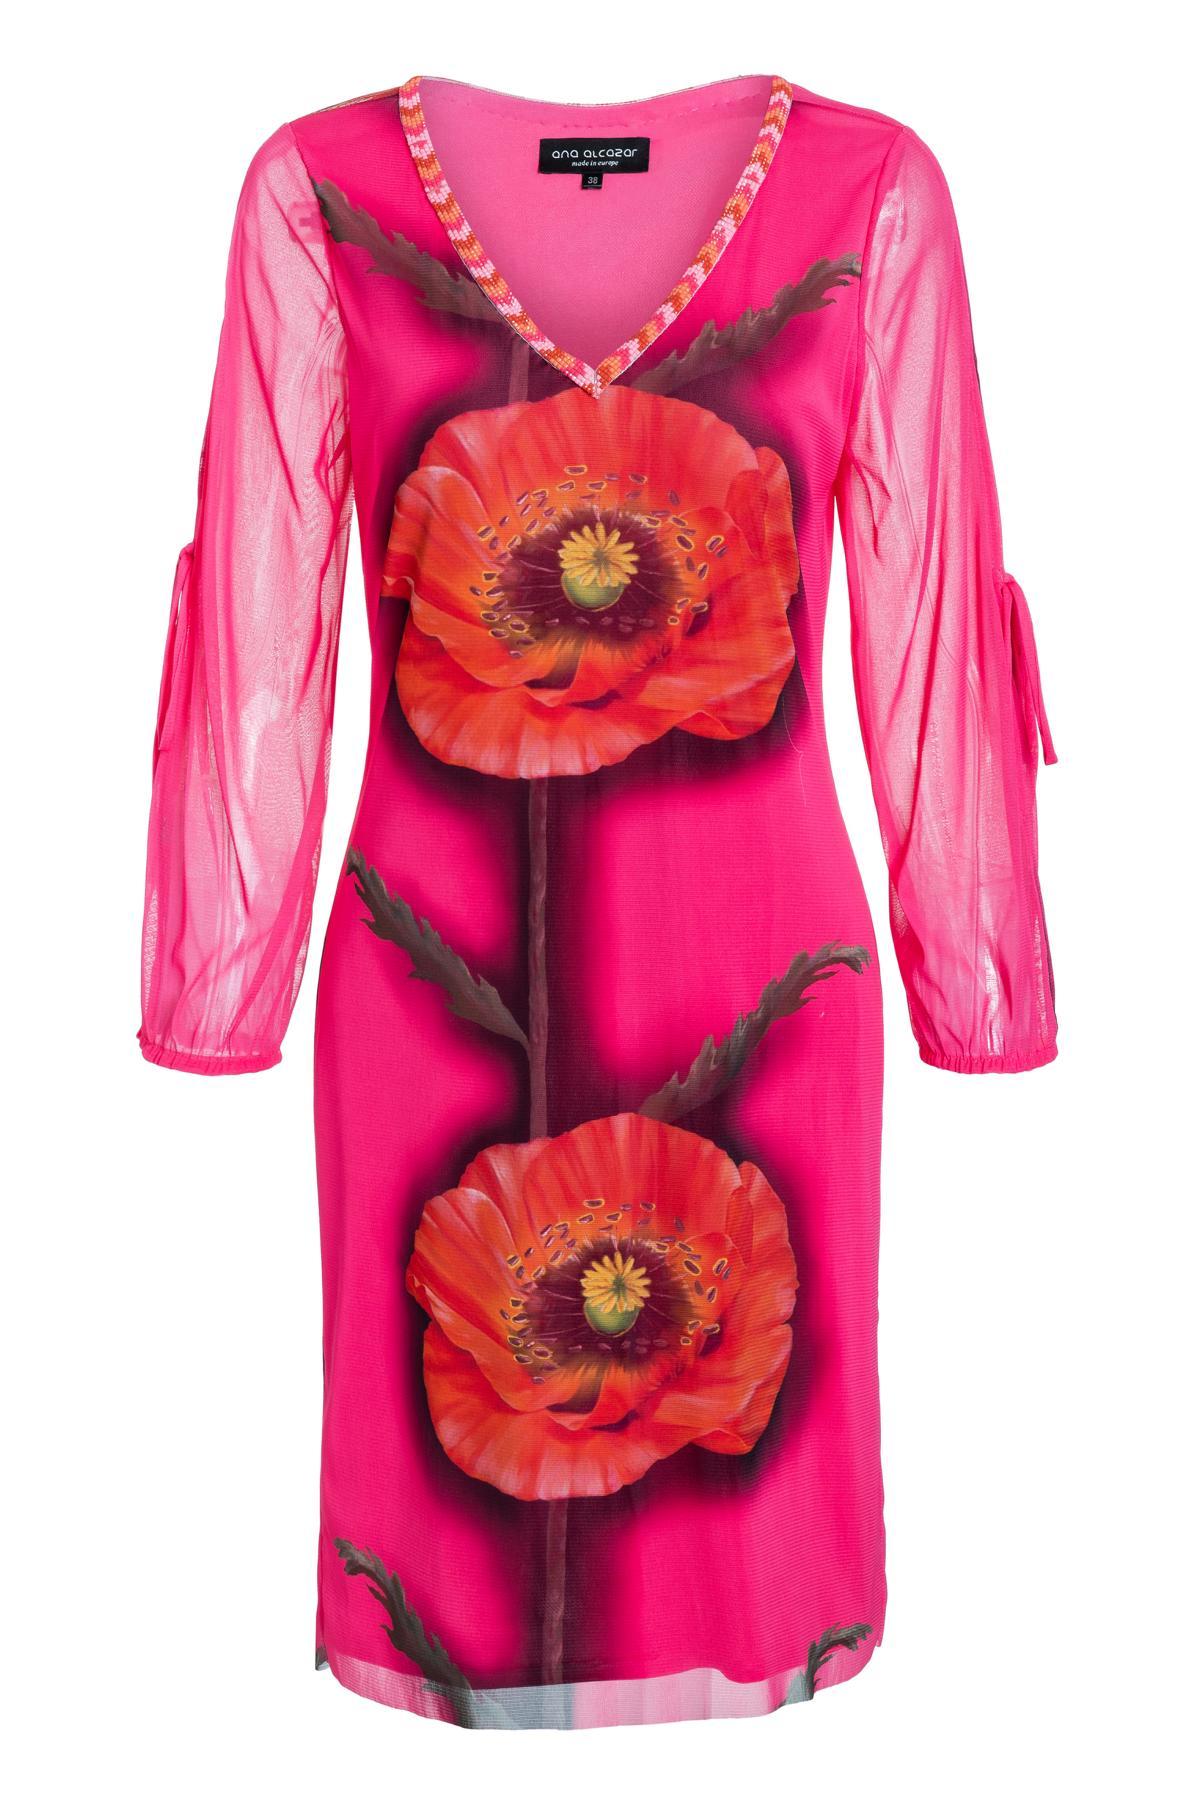 Ana Alcazar Deco Dress Siamote